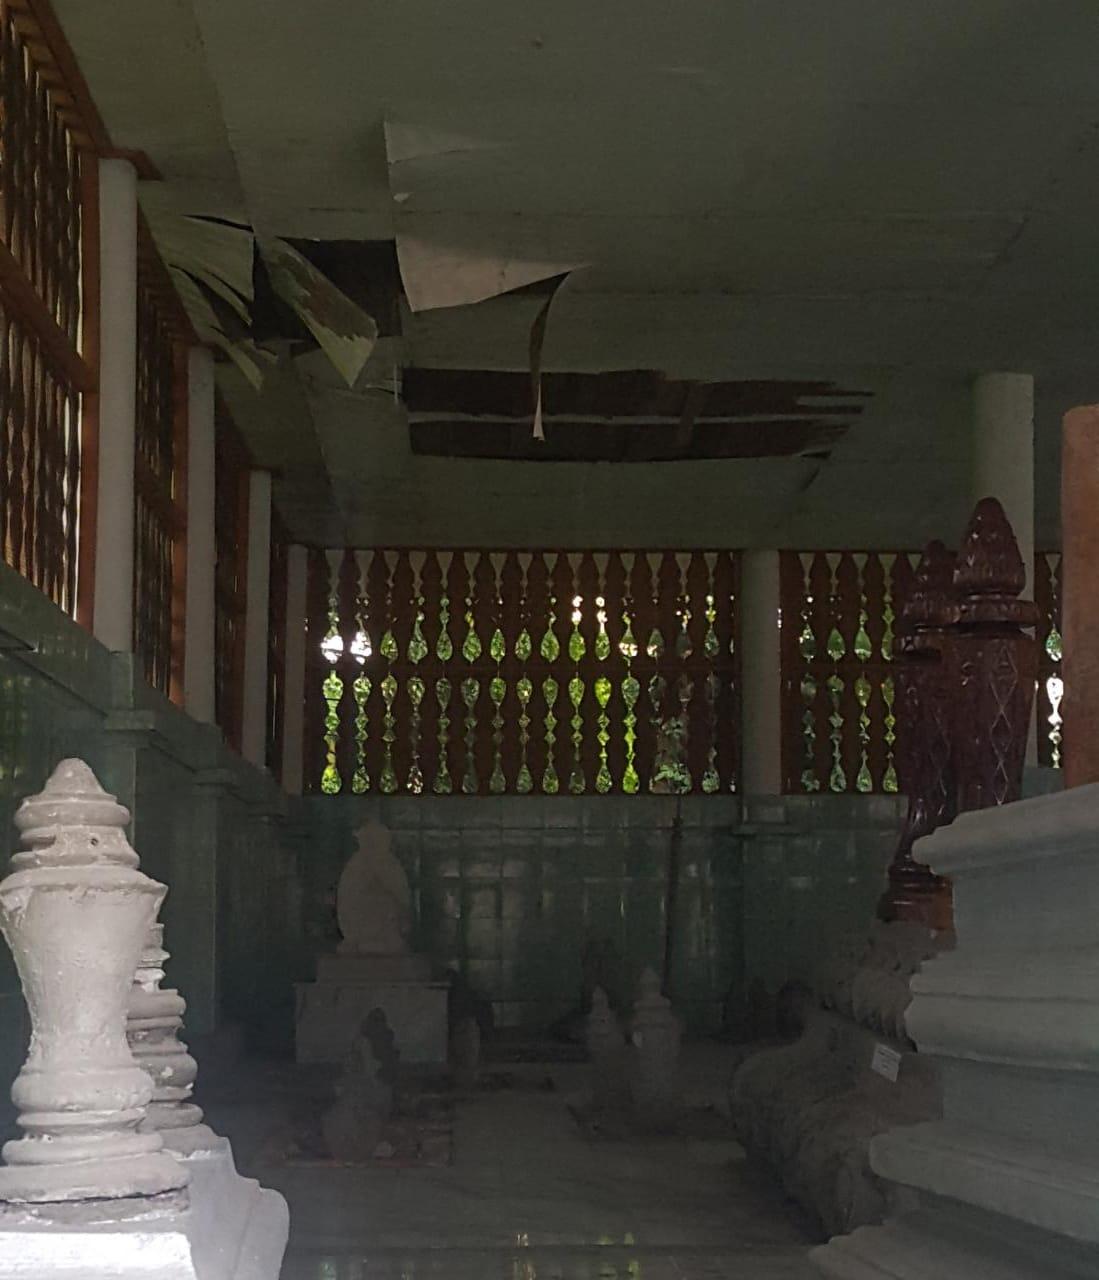 Tempat Peristirahatan Terakhir Raja dan Pahlawan Siak Terabaikan, Ketua LAM: Sejak 2019 Tidak Ada Lagi Perhatian Pemda